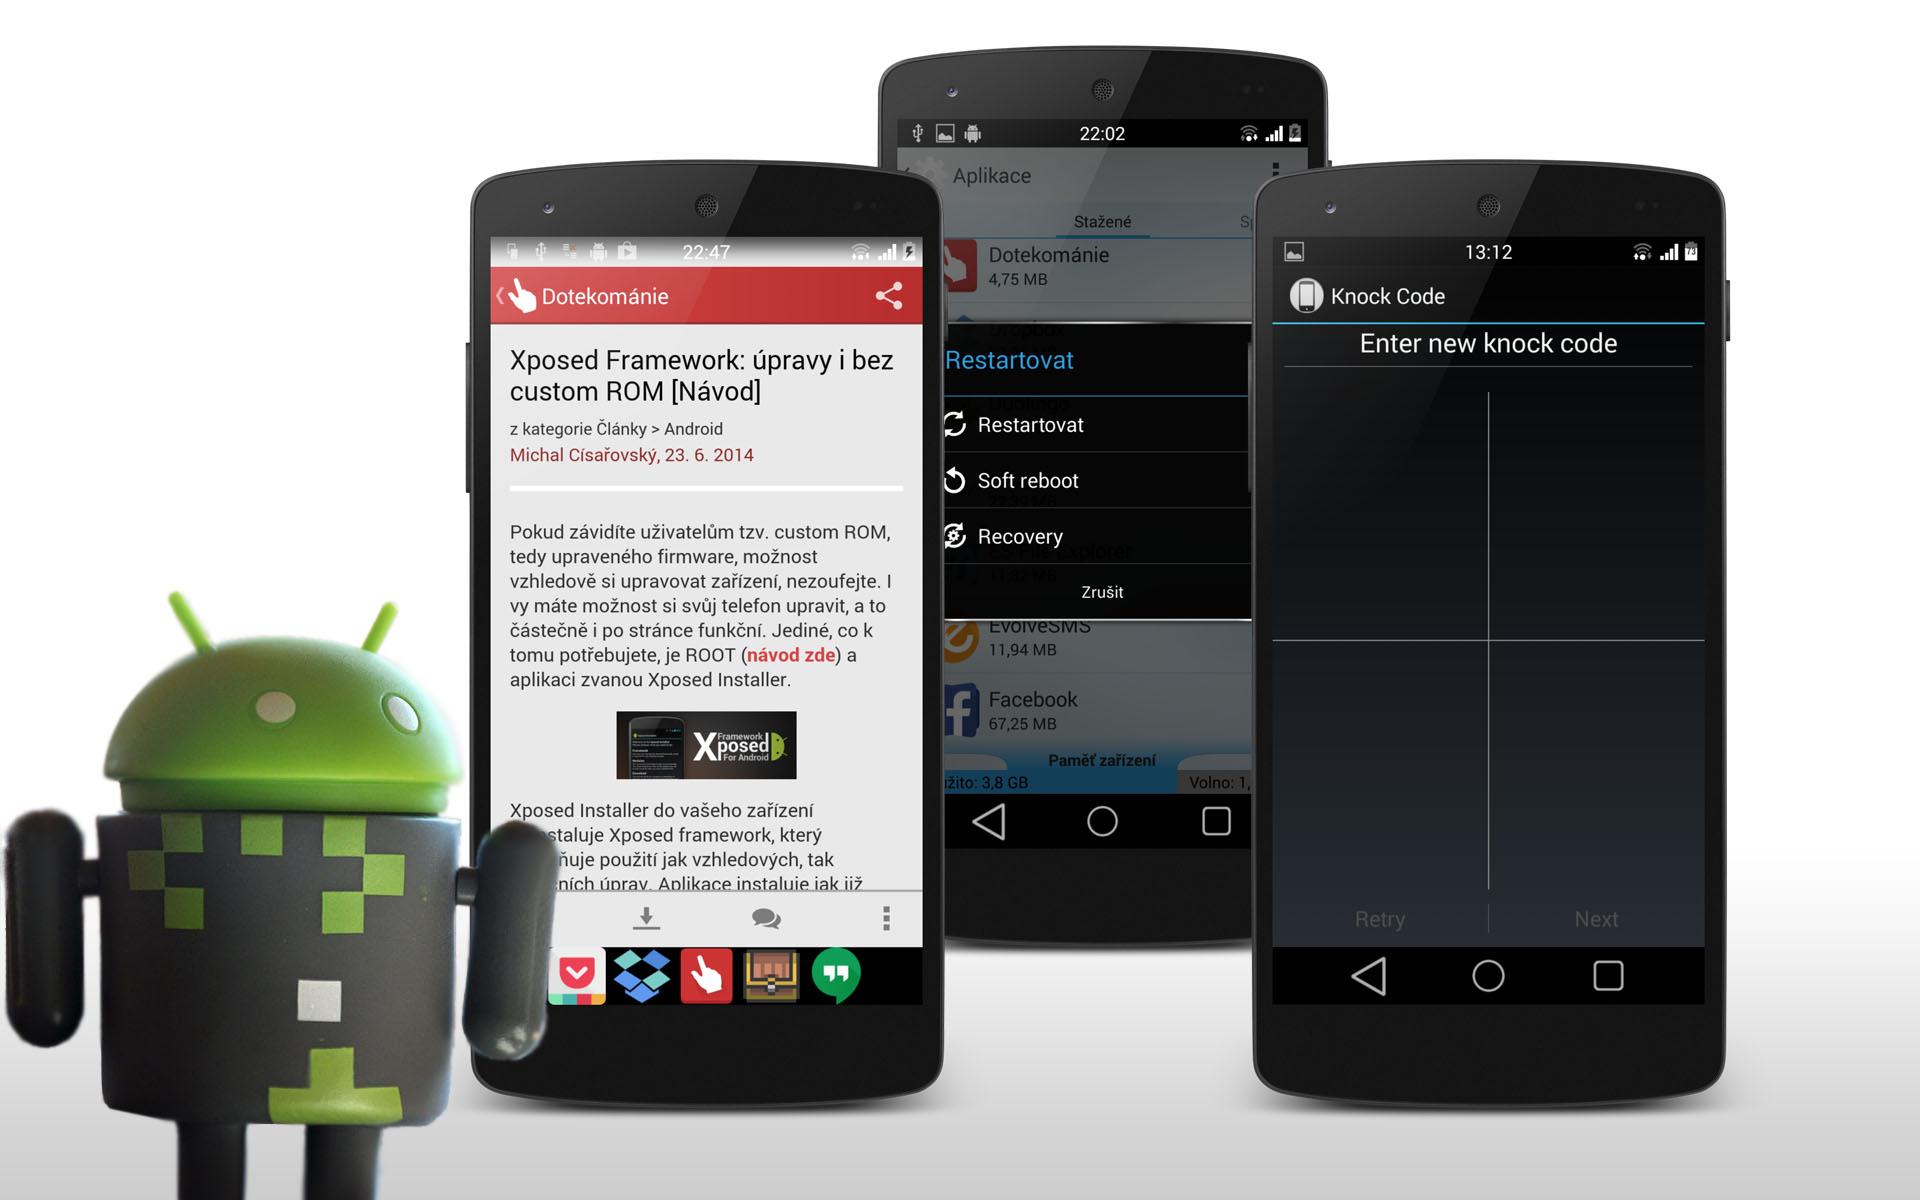 Modifikujeme Android – další várka modulů pro Xposed (5+4 podruhé)